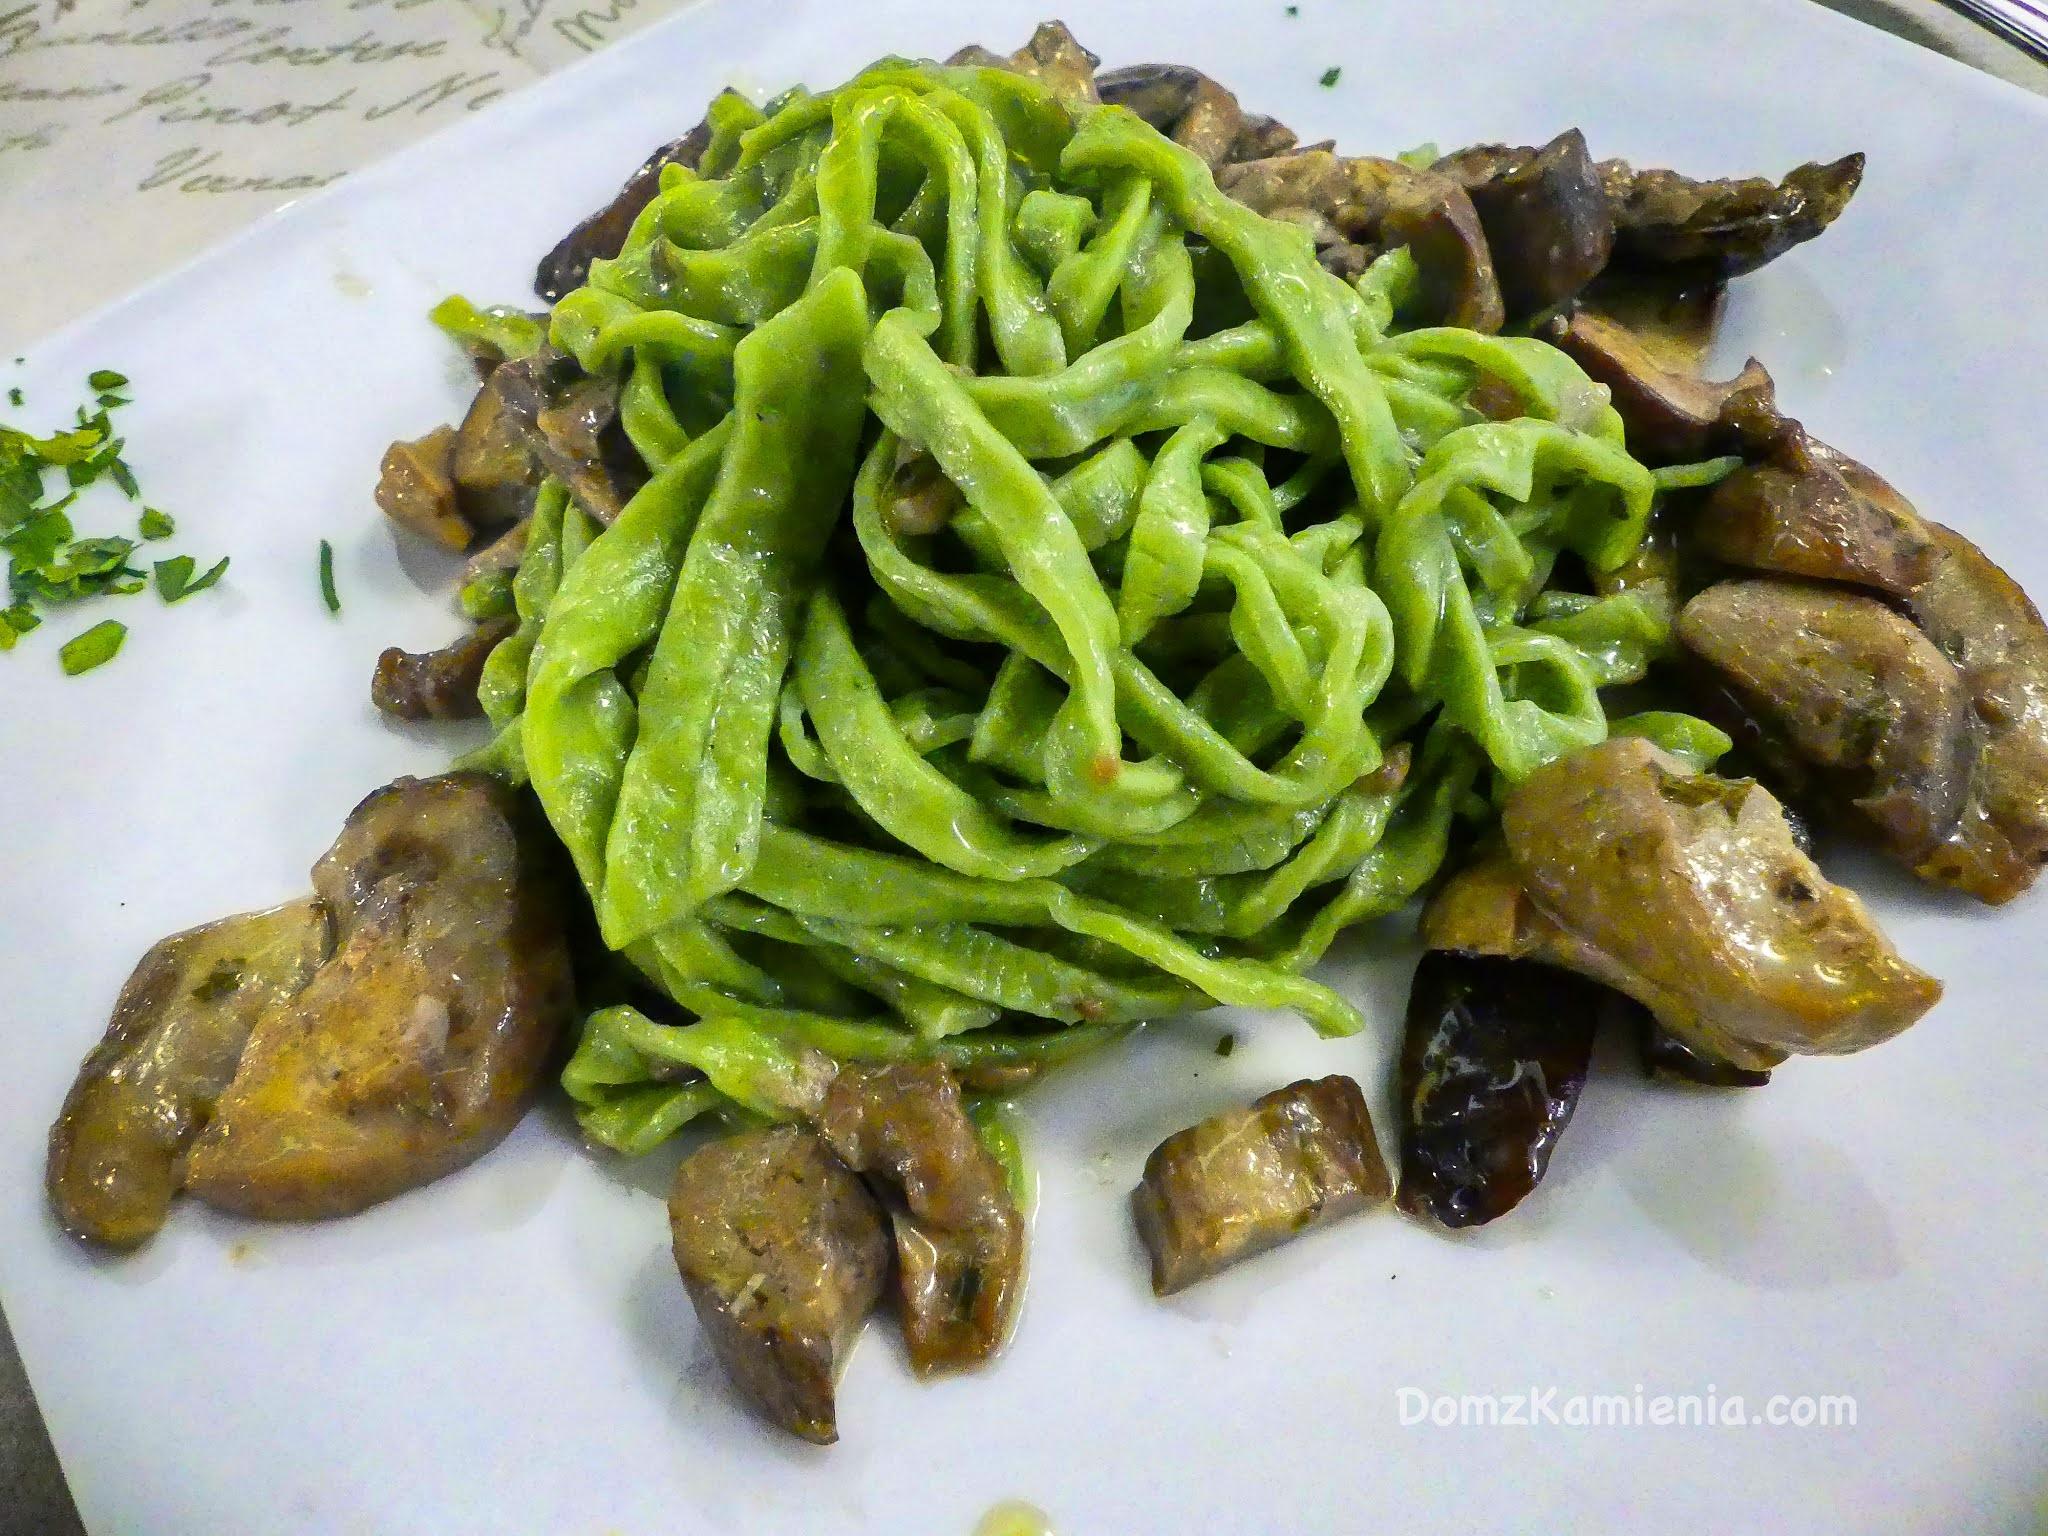 Warsztaty kulinarne i trekking w Toskanii